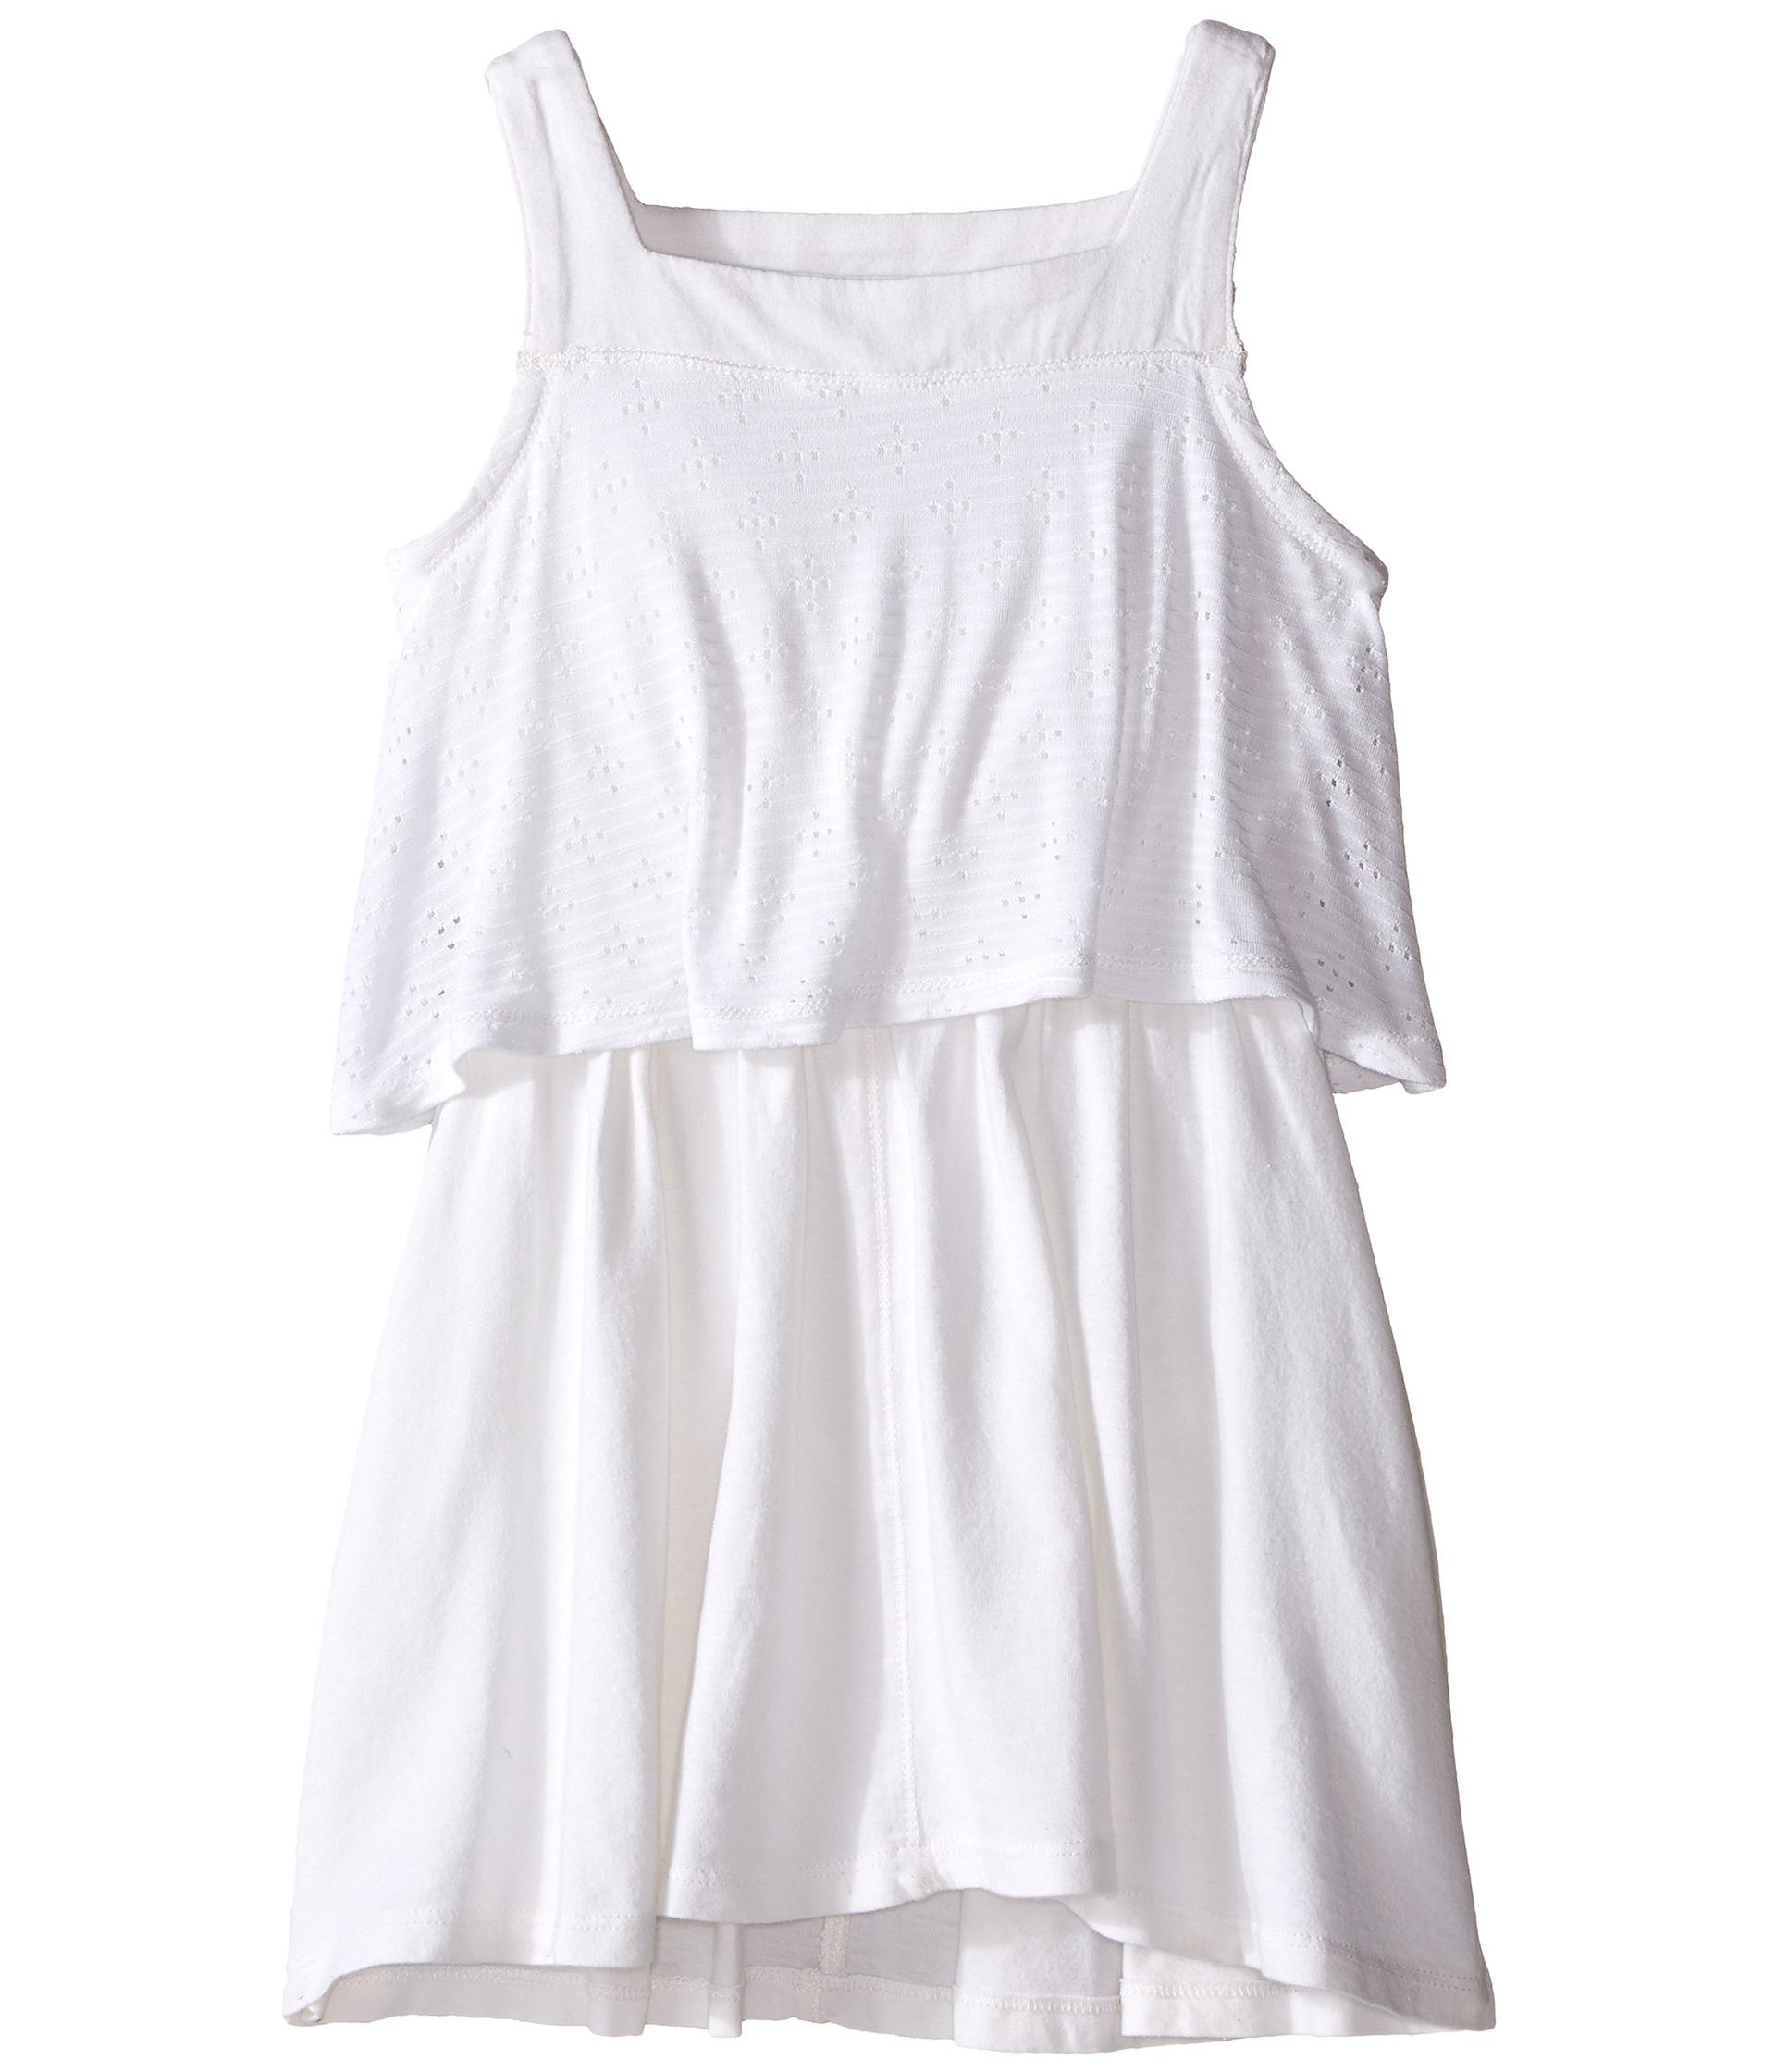 Splendid Littles Tank Eyelet Dress Toddler White